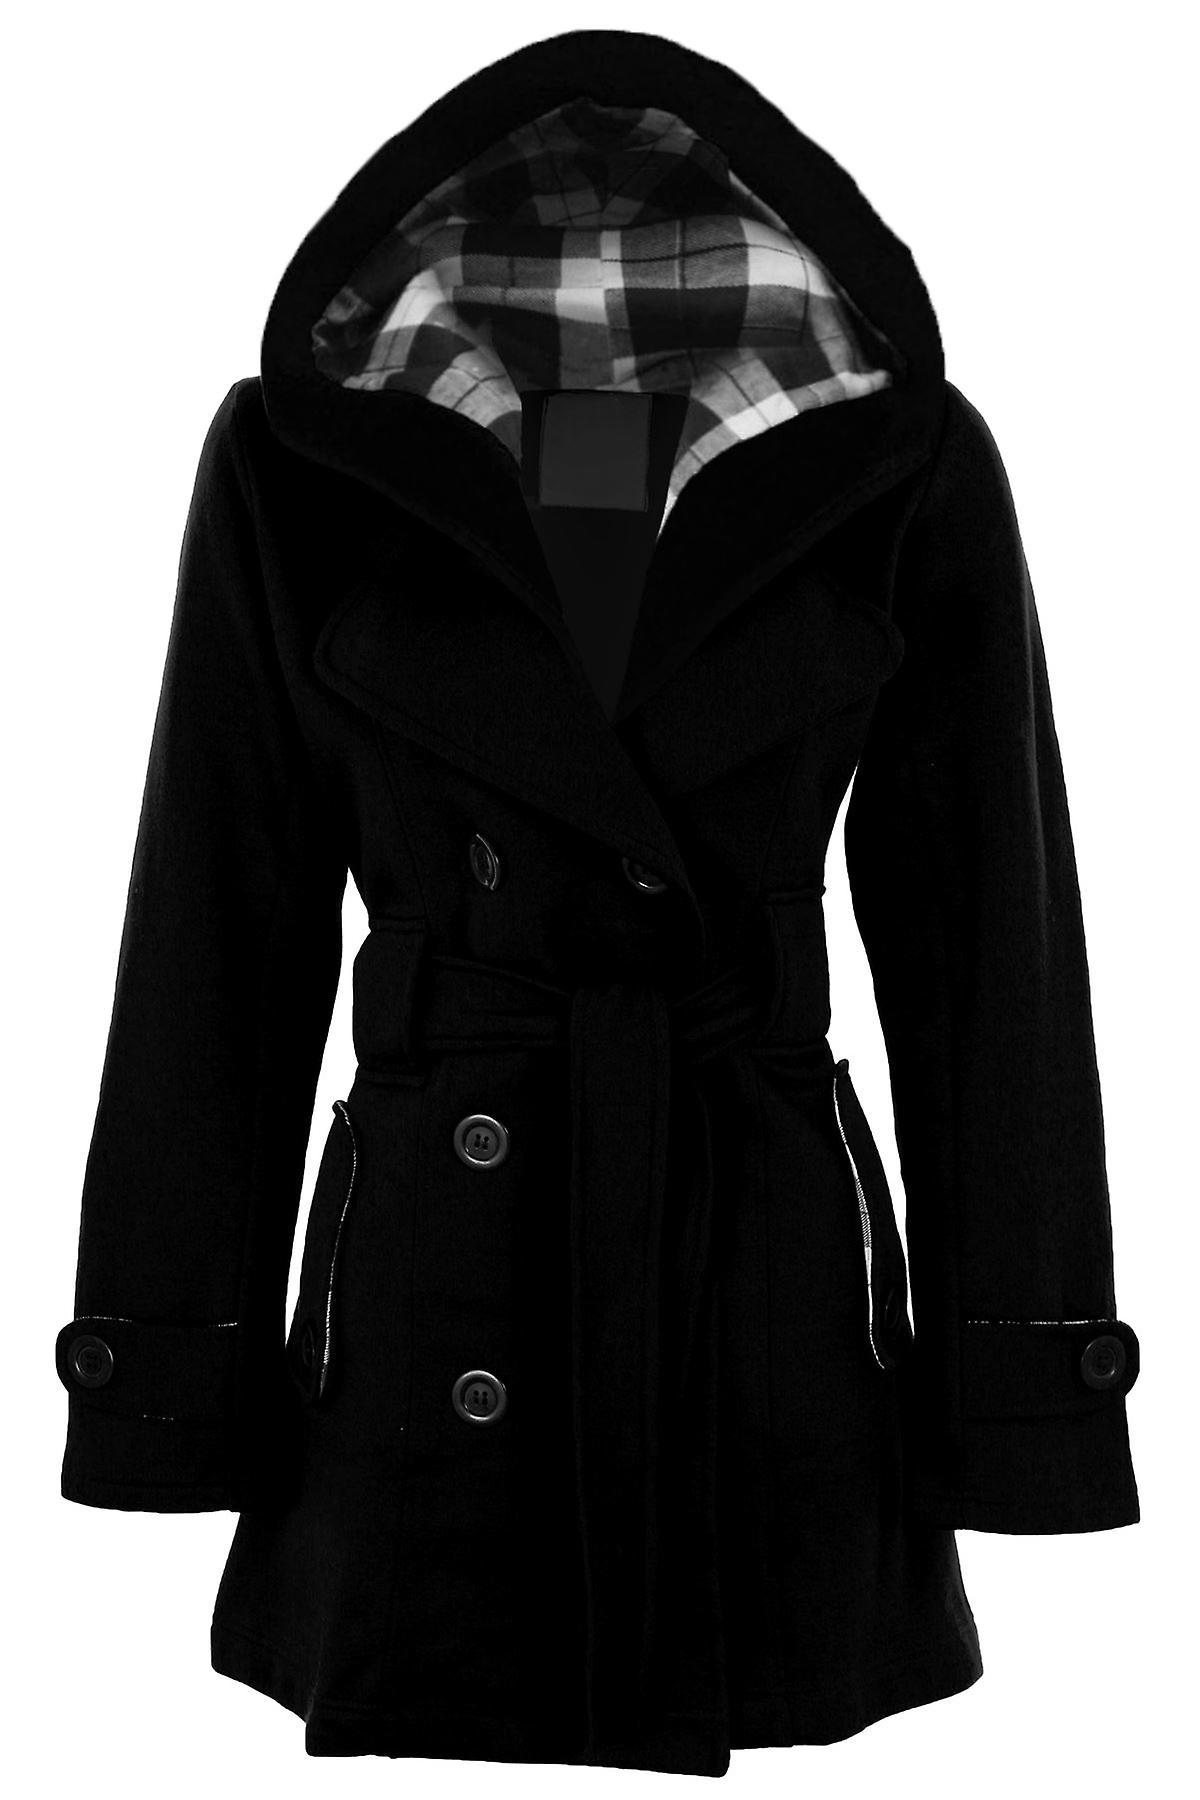 Naisten pitkät ristikudosvyö nappia hupullinen duffeli takki Naisten takki